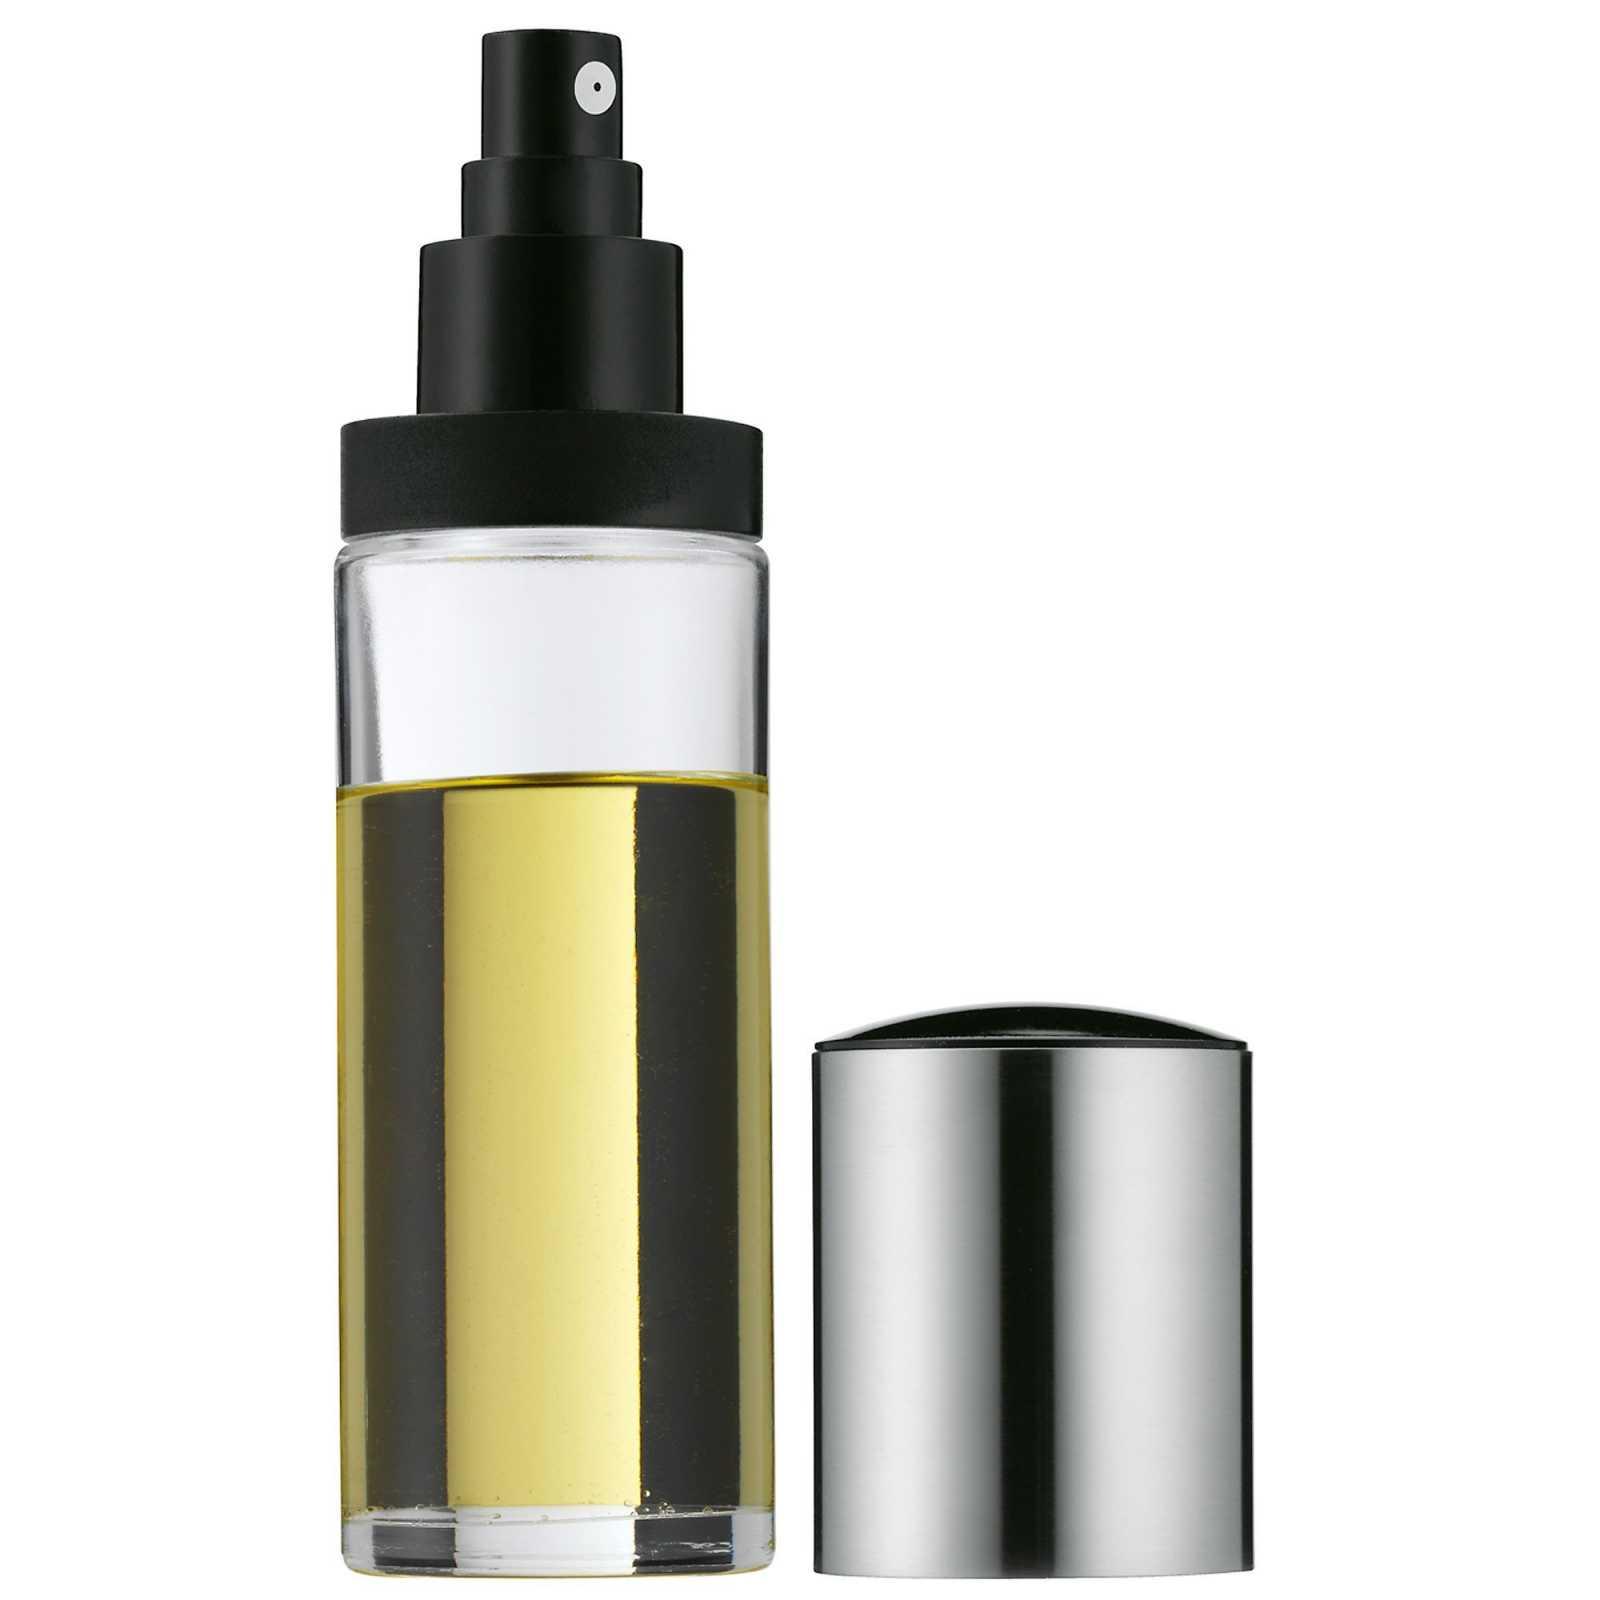 Бутылка с распылителем для масла WMF , прозрачный с черным WMF 06 1928 6030 фото 0